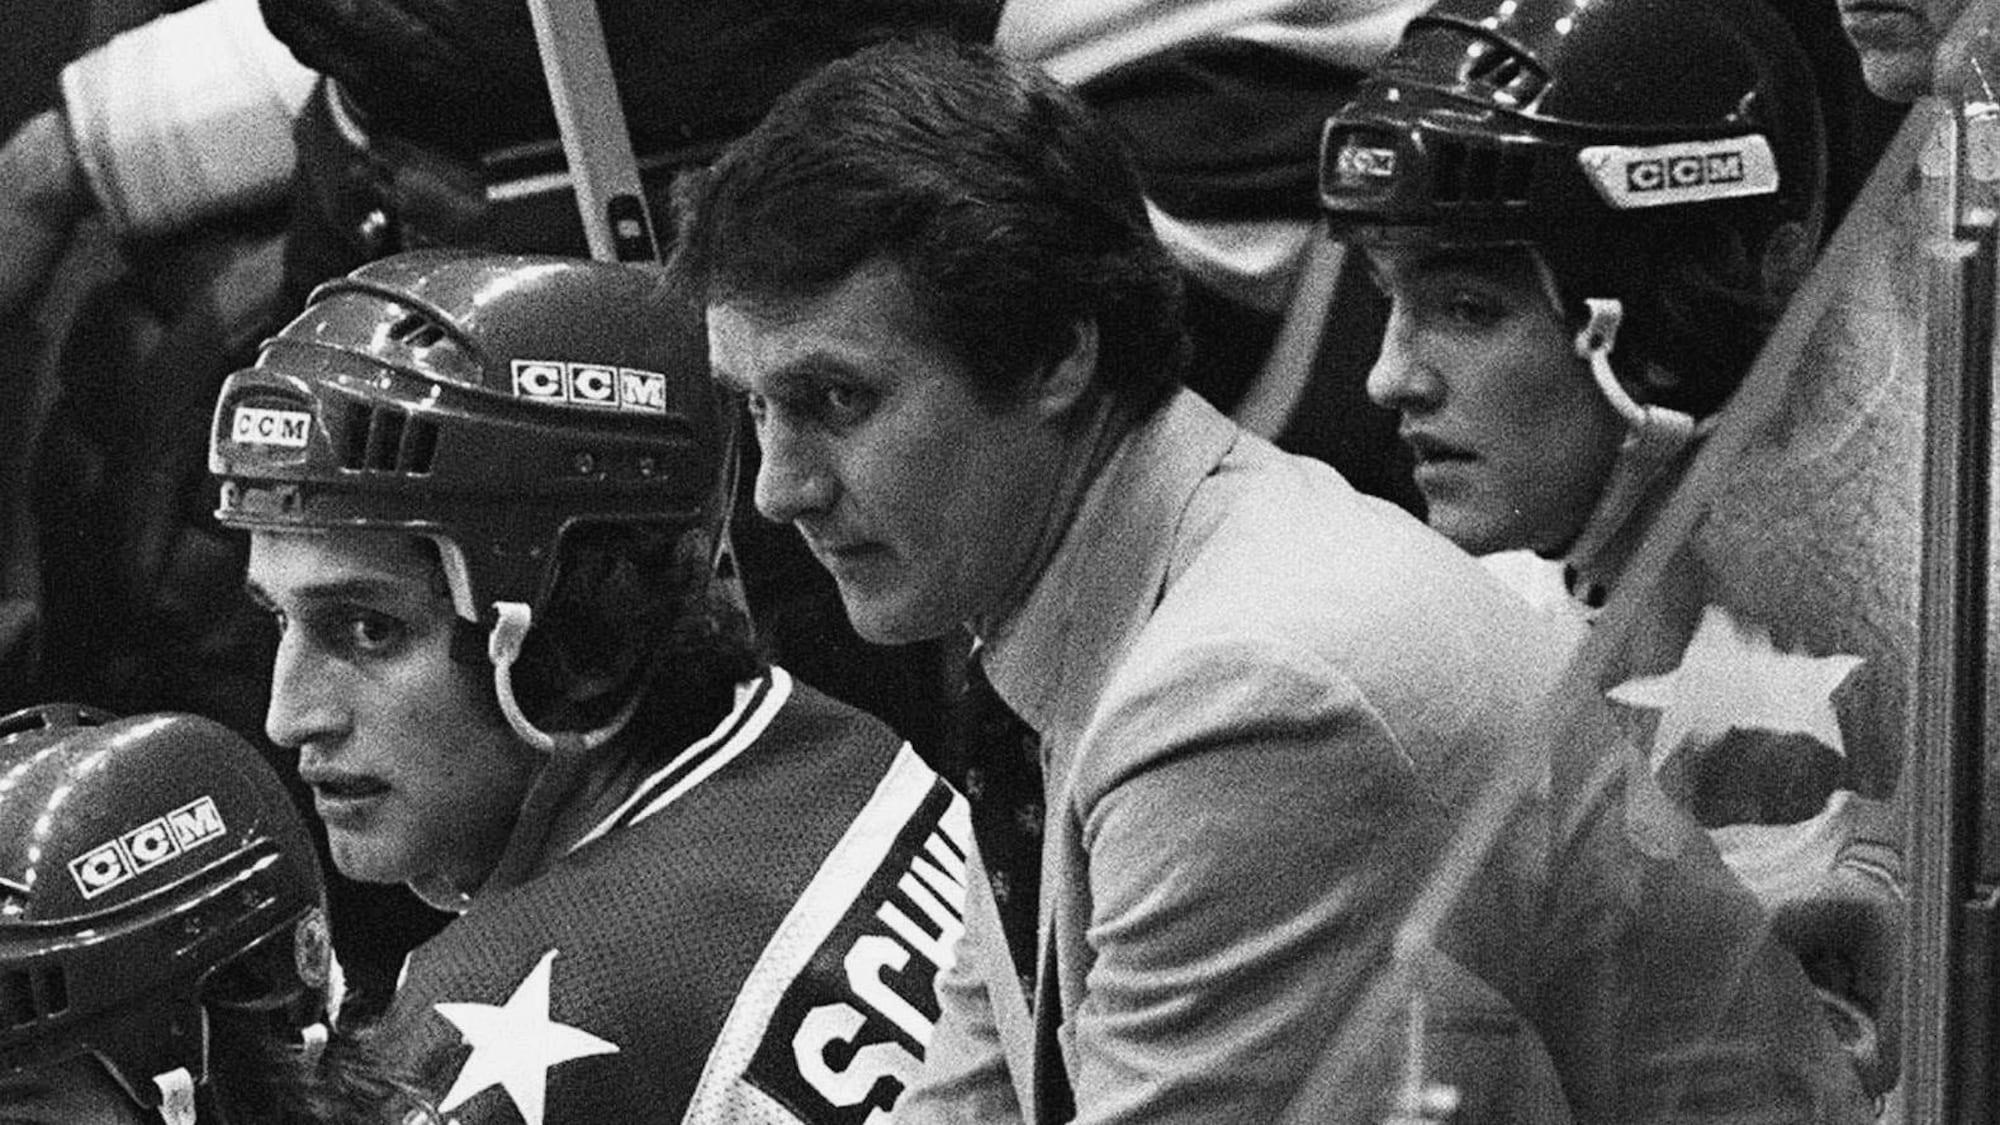 L'entraîneur-chef des États-Unis Herb Brooks pendant les dernières minutes du match contre l'URSS.